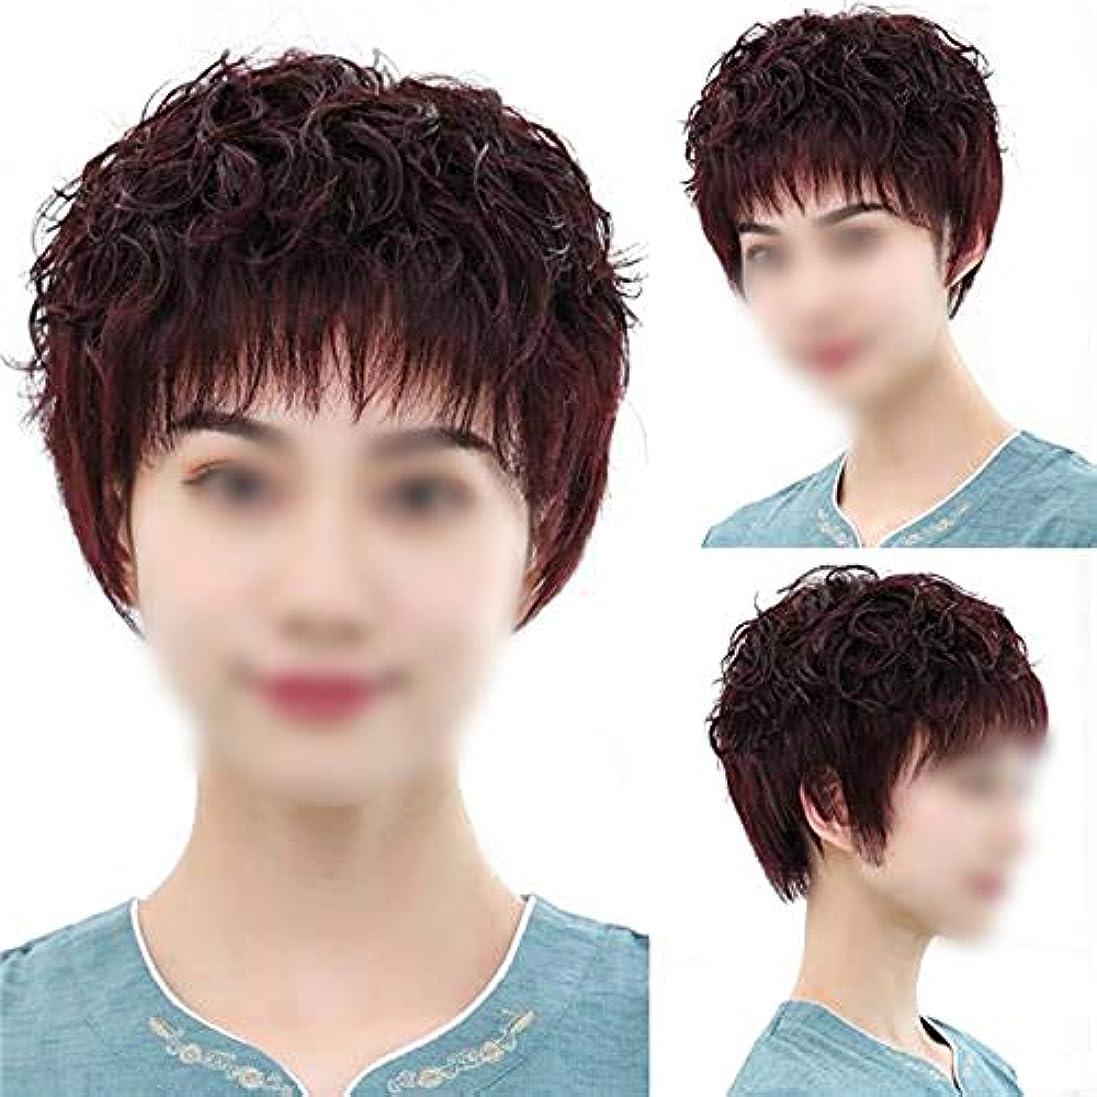 マーガレットミッチェルリーン受け入れるYOUQIU ウィッグショートカーリーヘアの女性のパーティードレスデイリーウィッグのための本当の髪のかつらを手織り (色 : Natural black)